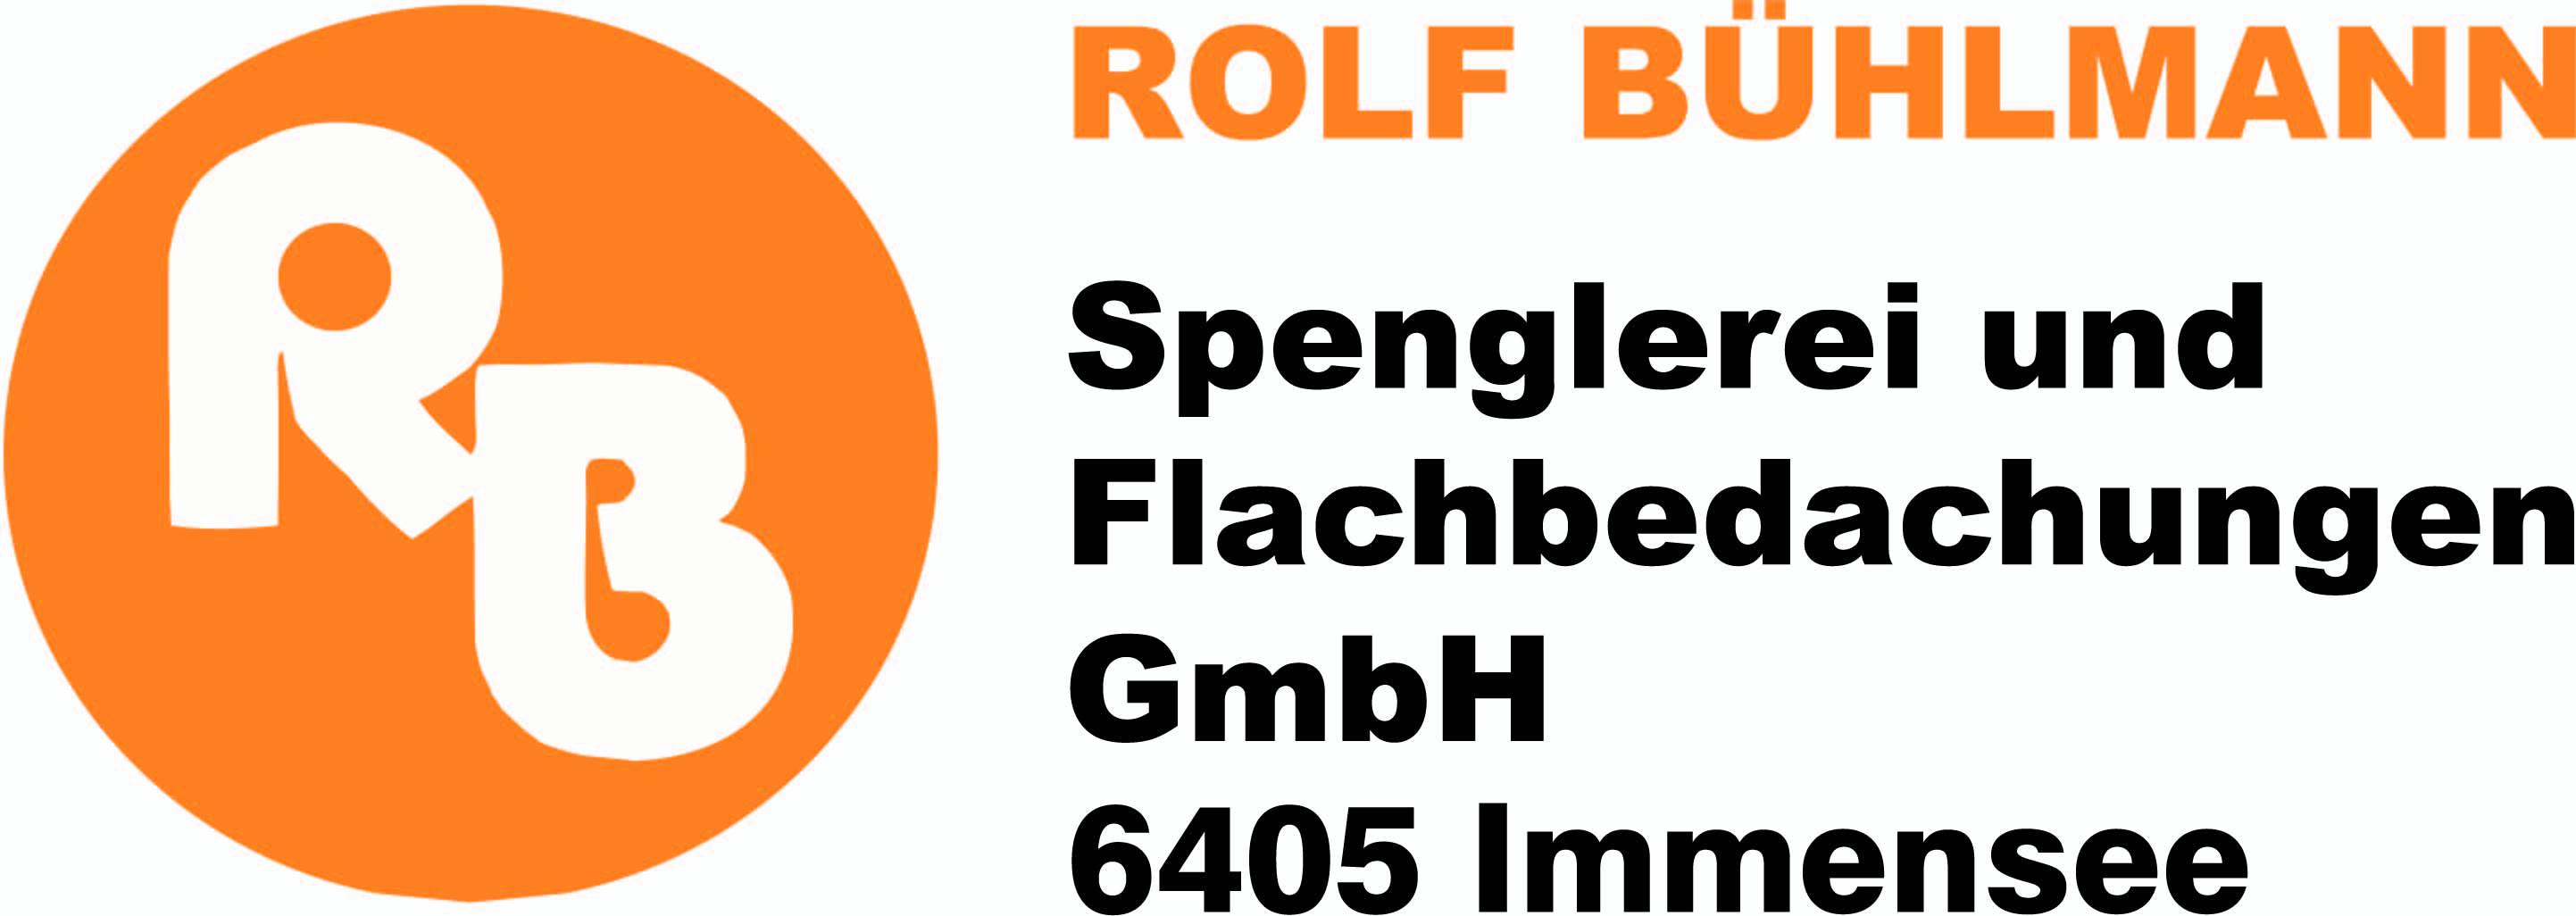 Rolf Bühlmann Spenglerei